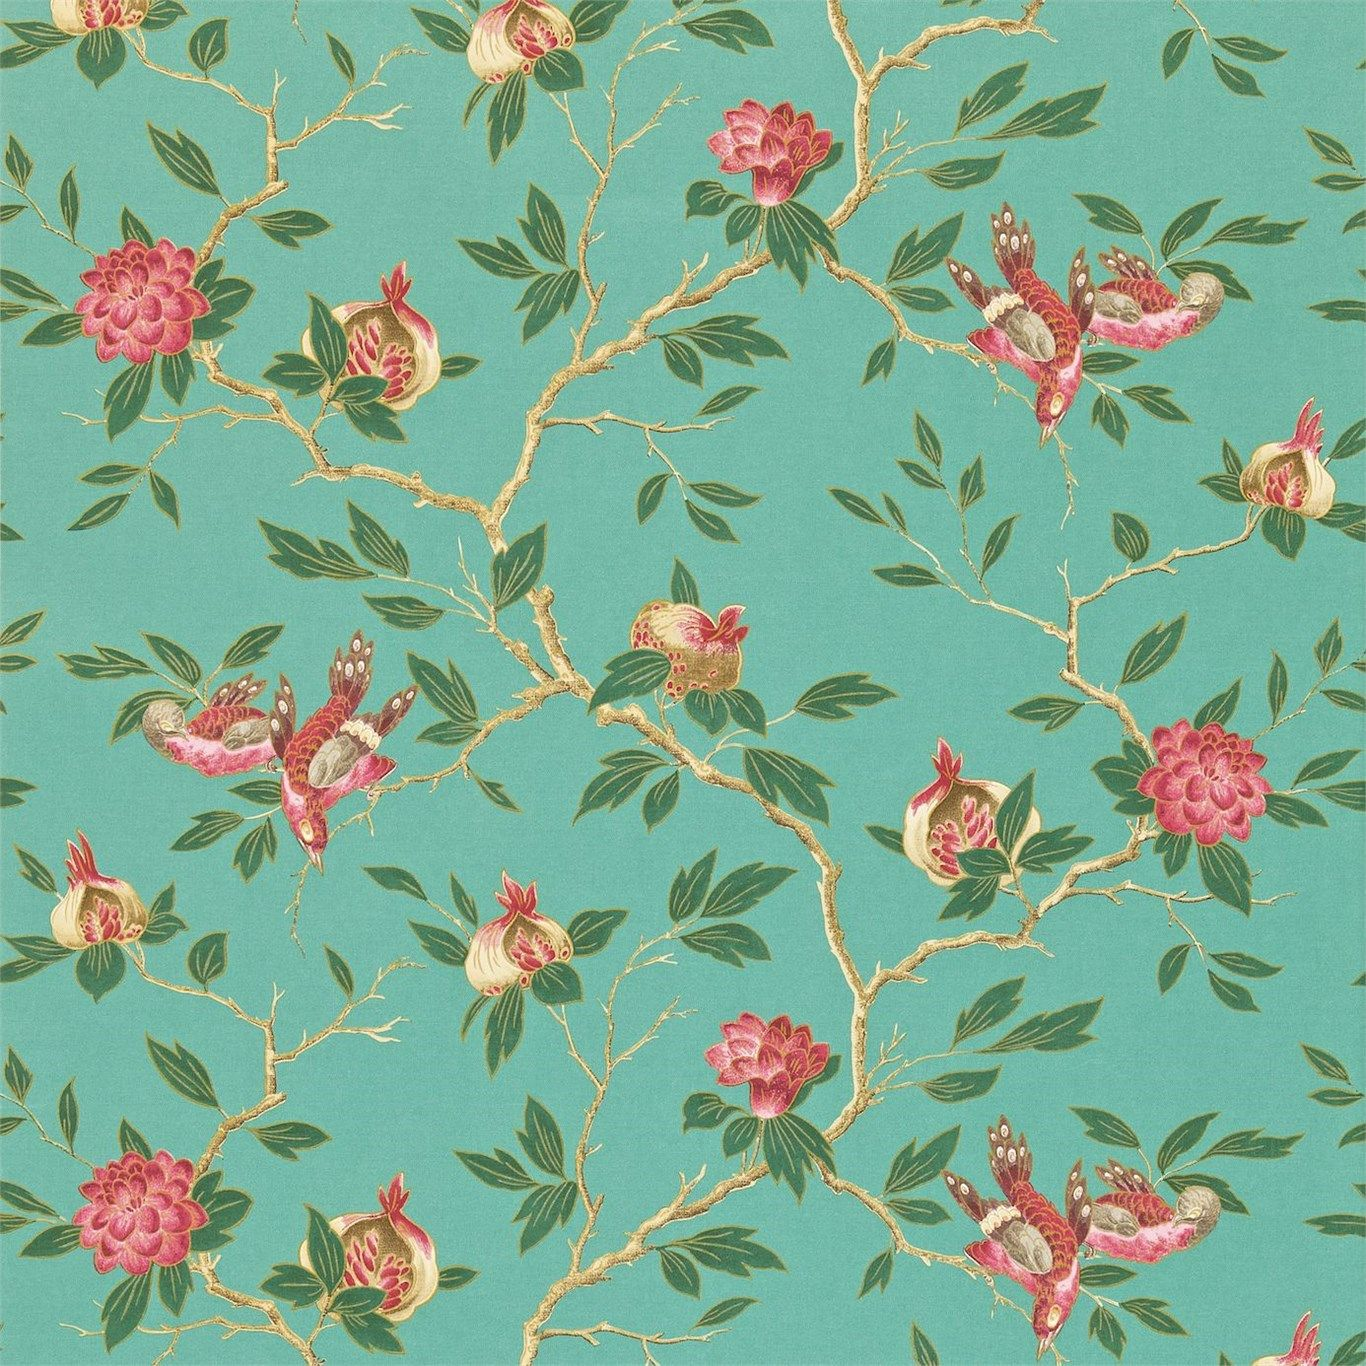 Zoffany Manchu Wallpaper